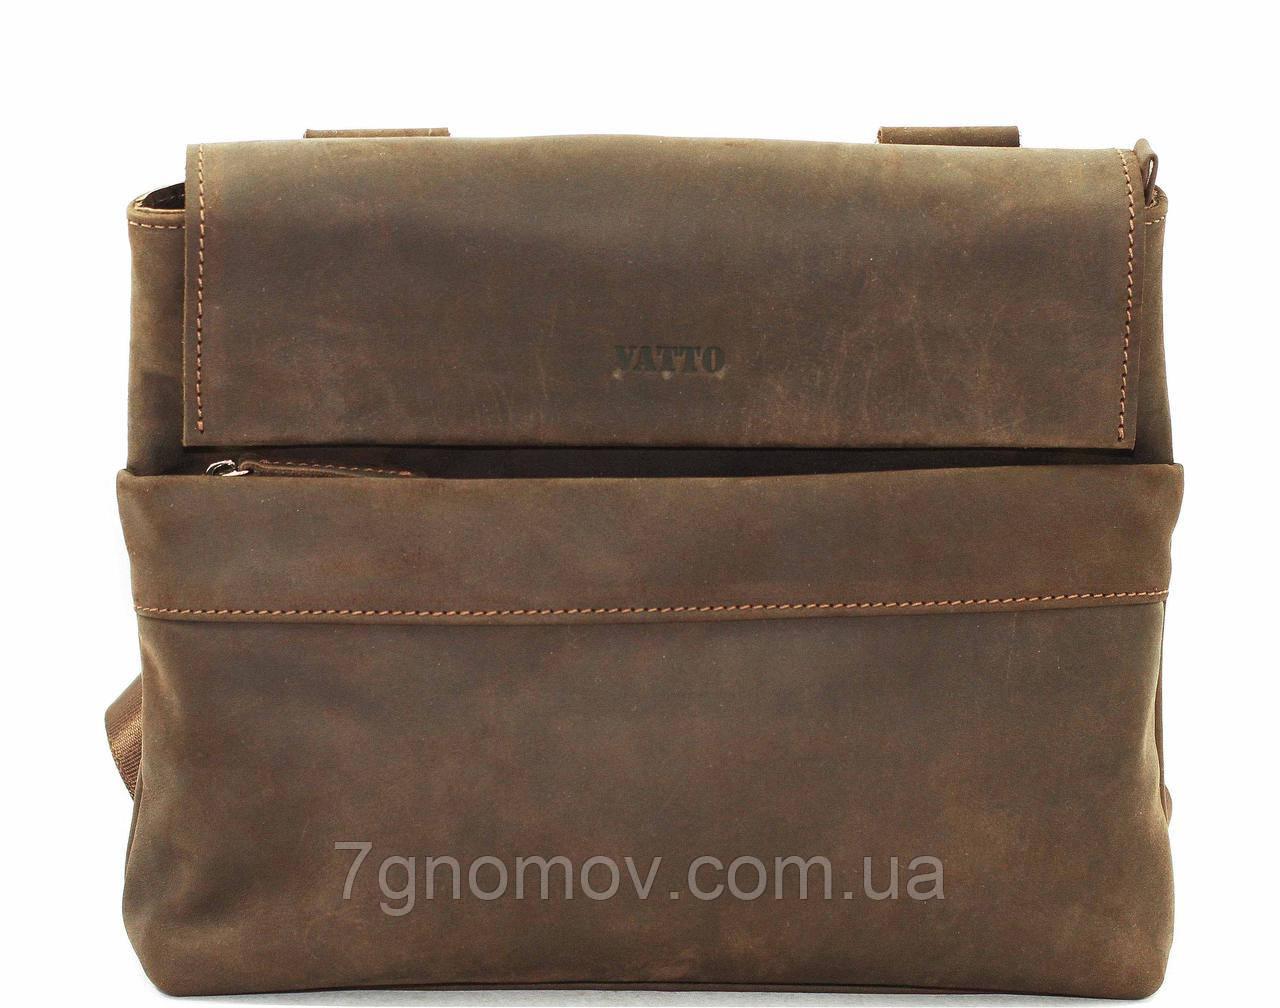 Мужская сумка VATTO Mk13.4 Kr450